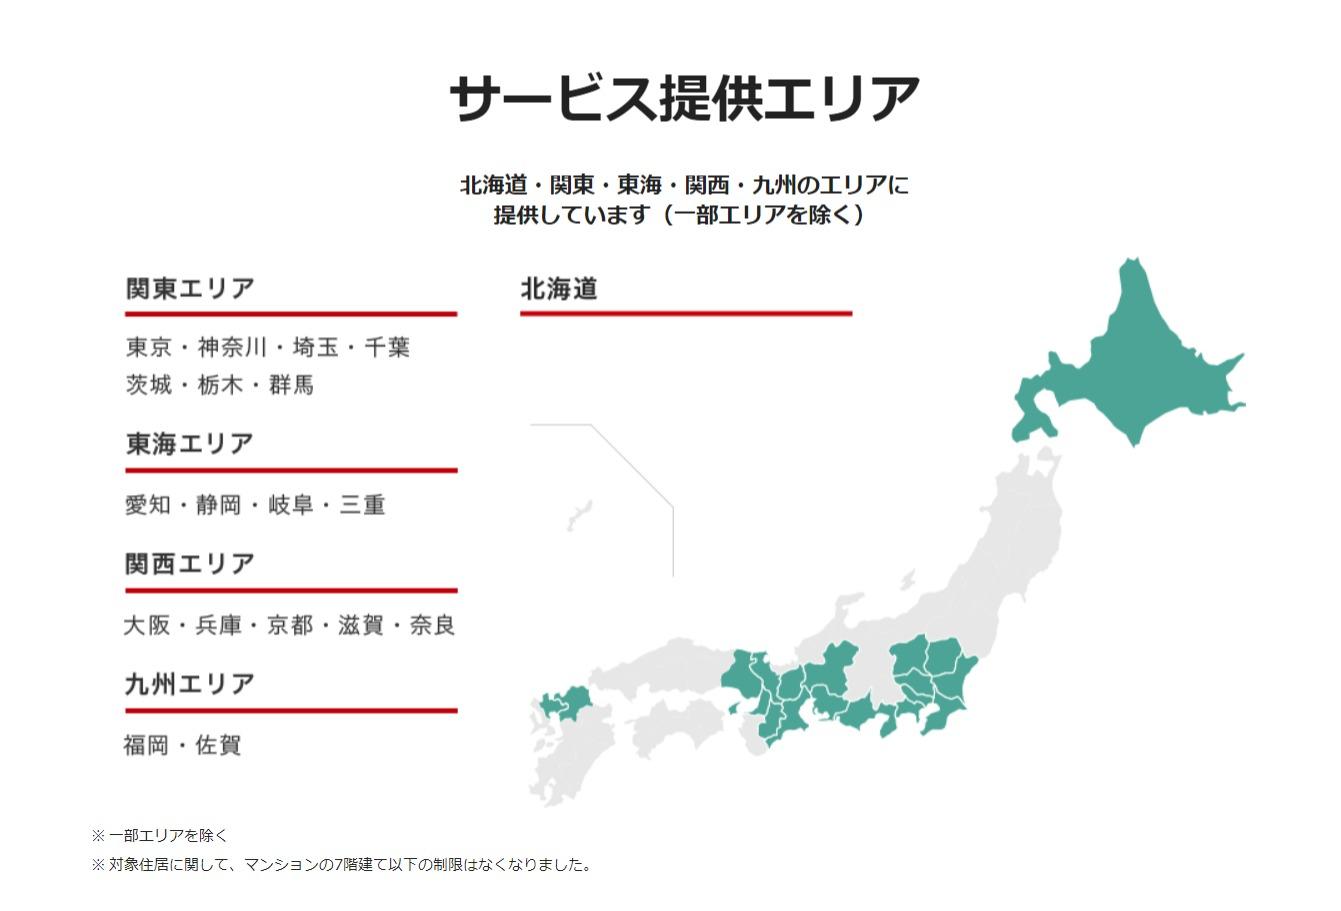 【公式】NURO 光 提供エリア